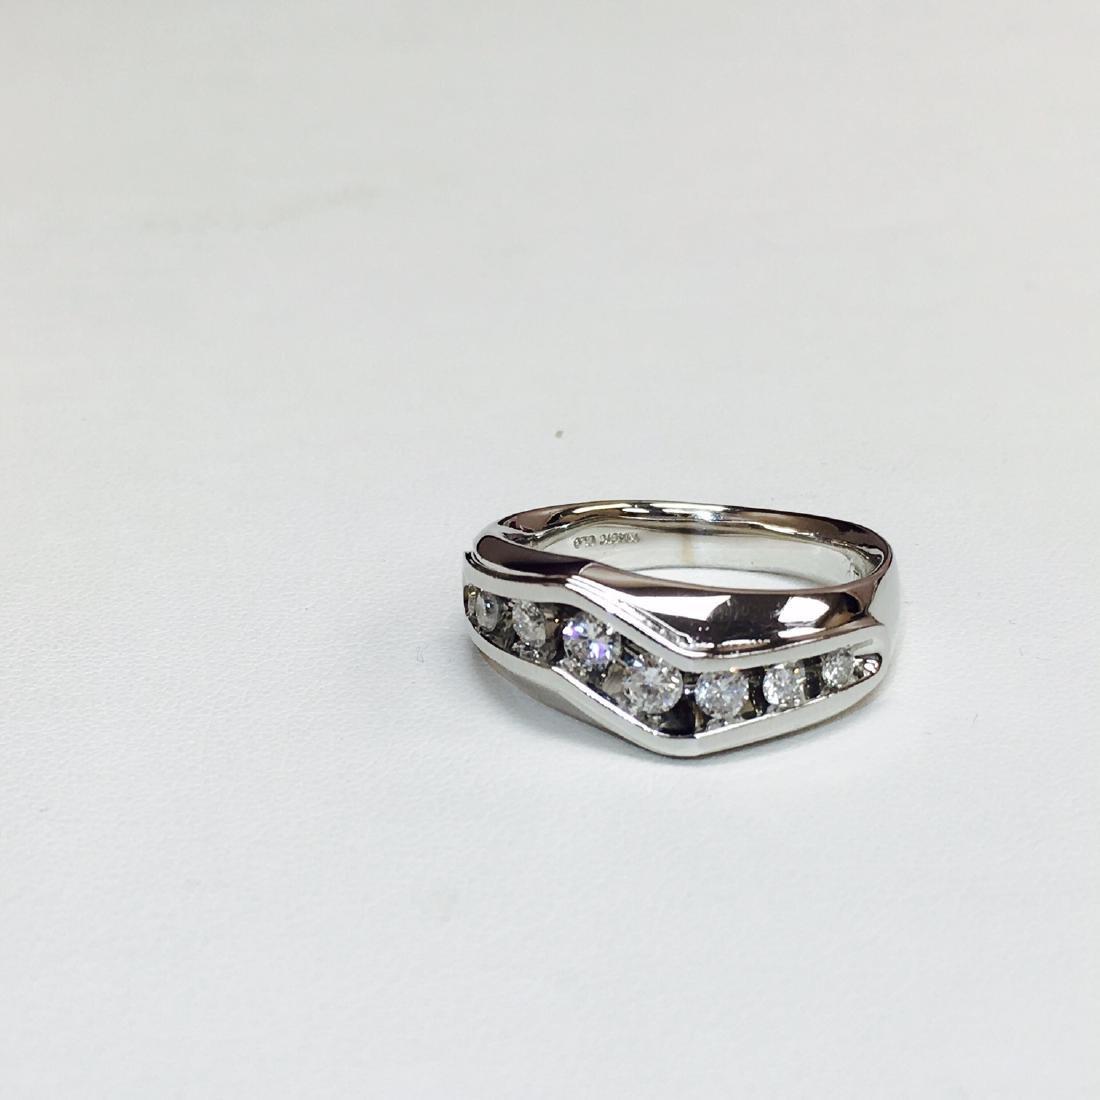 14k White Gold & 1 ct Diamond Band/RING